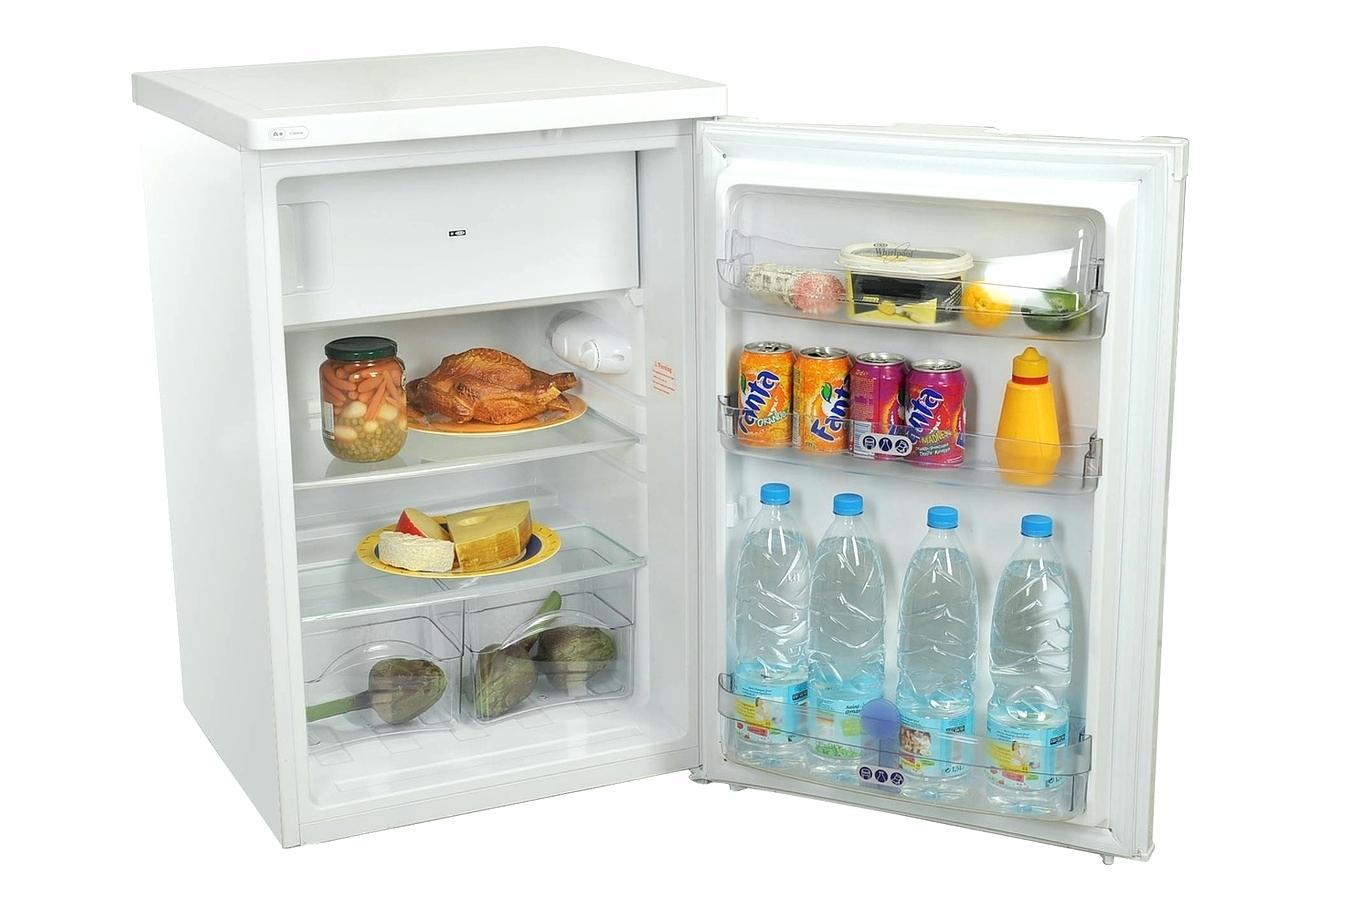 Refrigerateur smeg tunisie prix